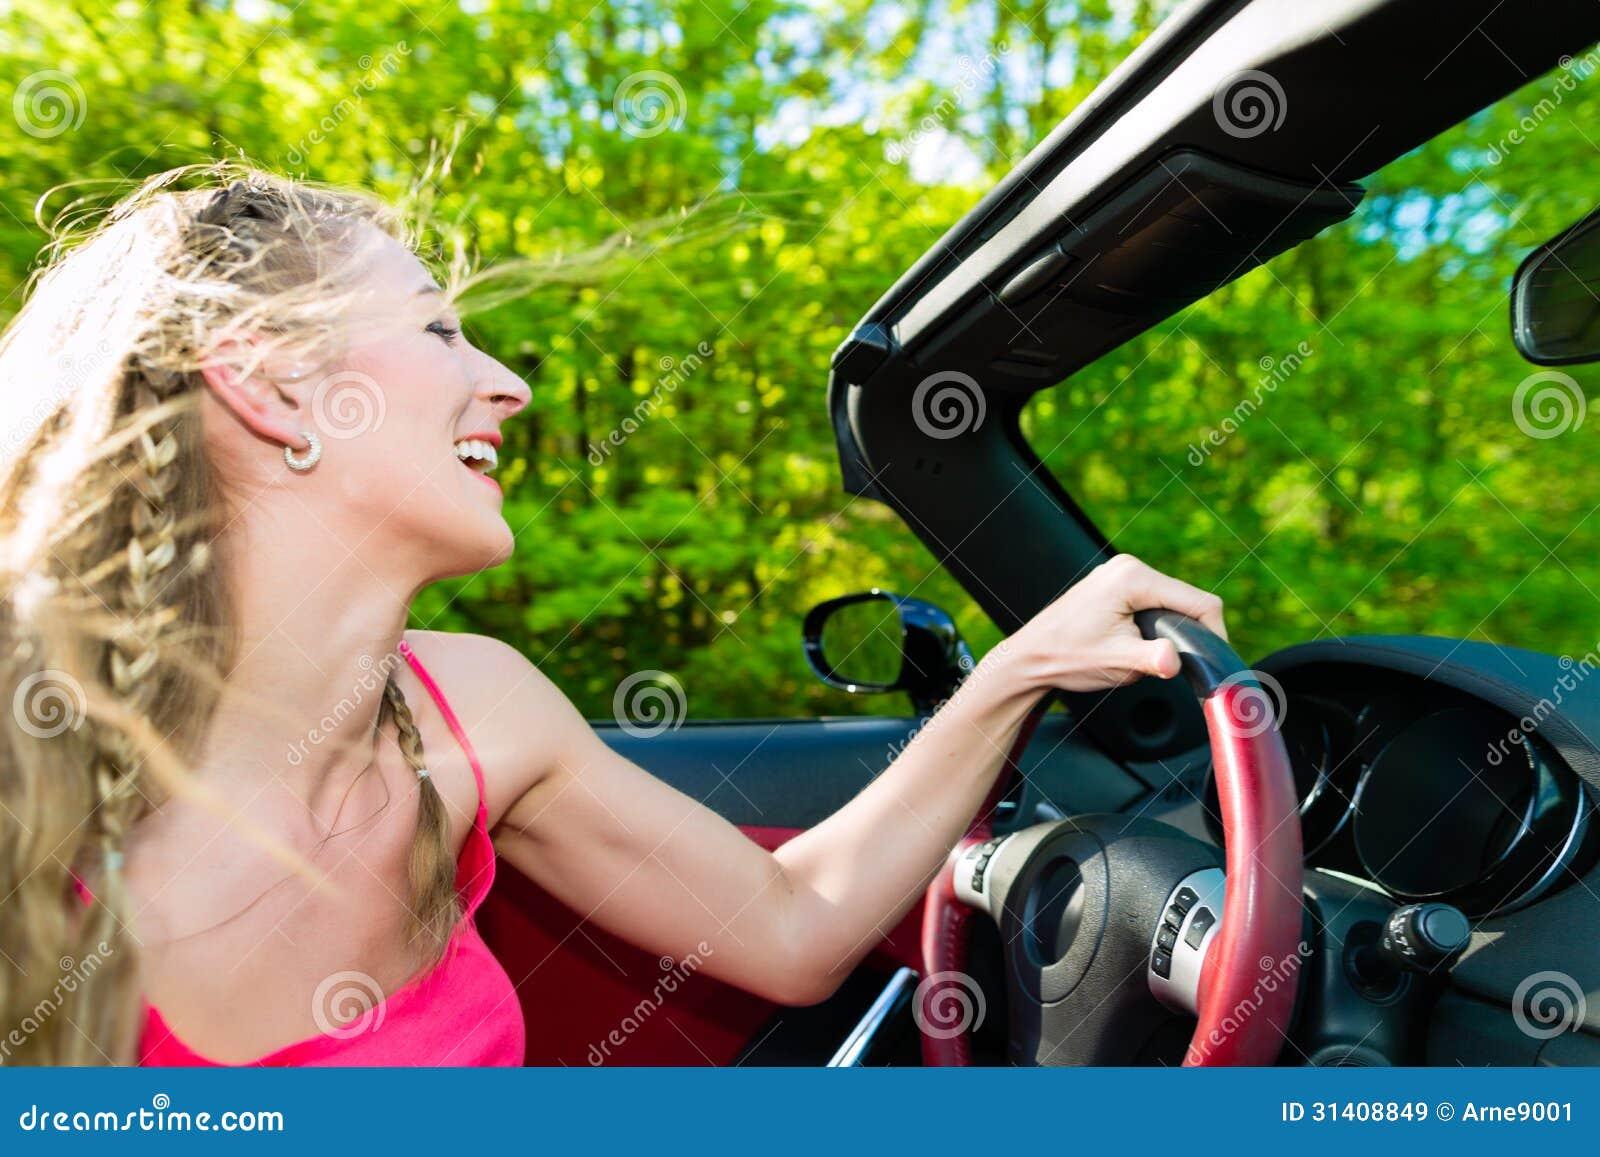 Νέα γυναίκα με το καμπριολέ το καλοκαίρι στο ταξίδι ημέρας